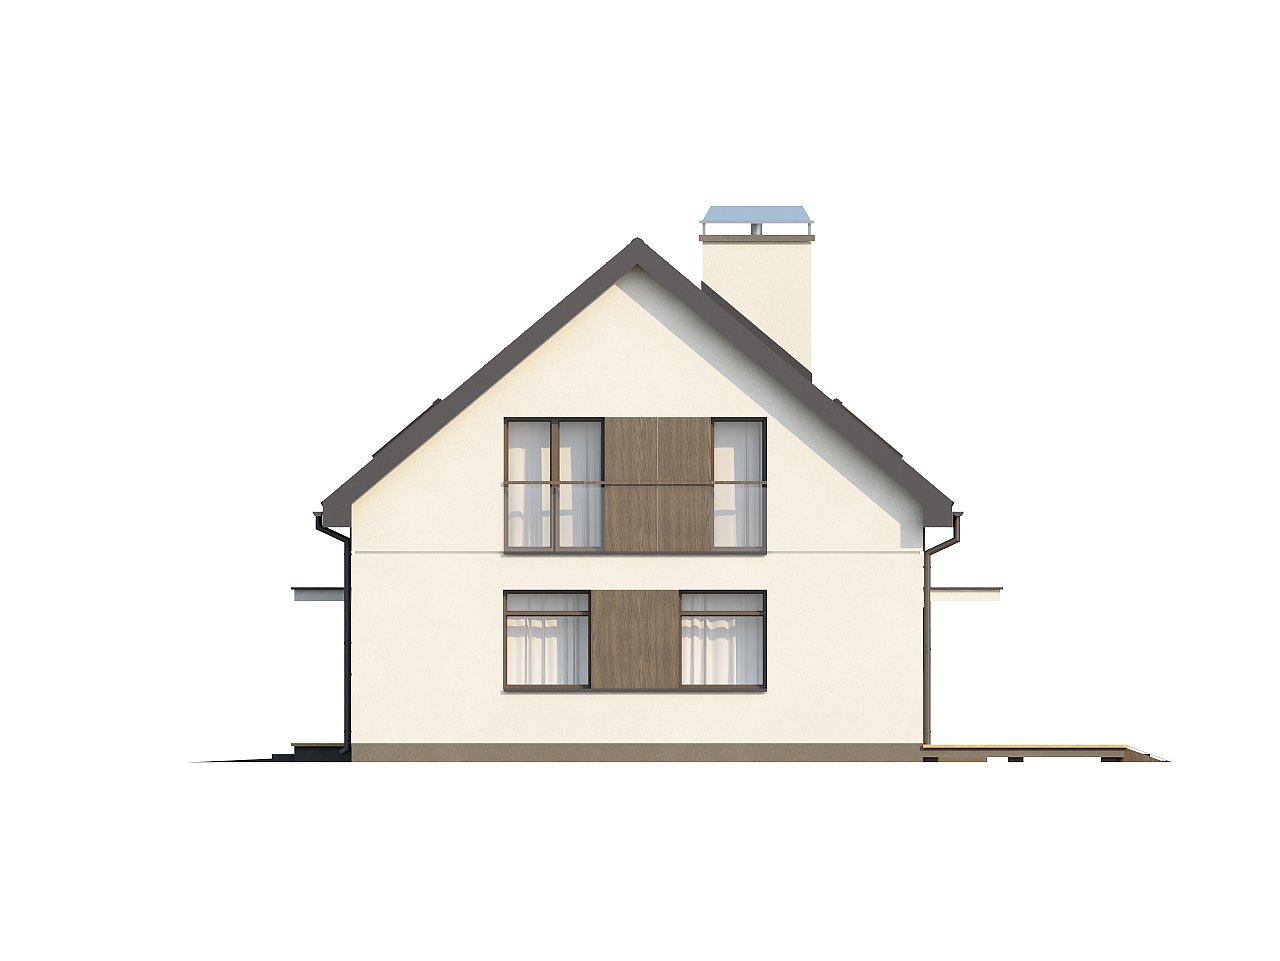 Функциональный традиционный дом с современными элементами в архитектуре, со встроенным гаражом. 16